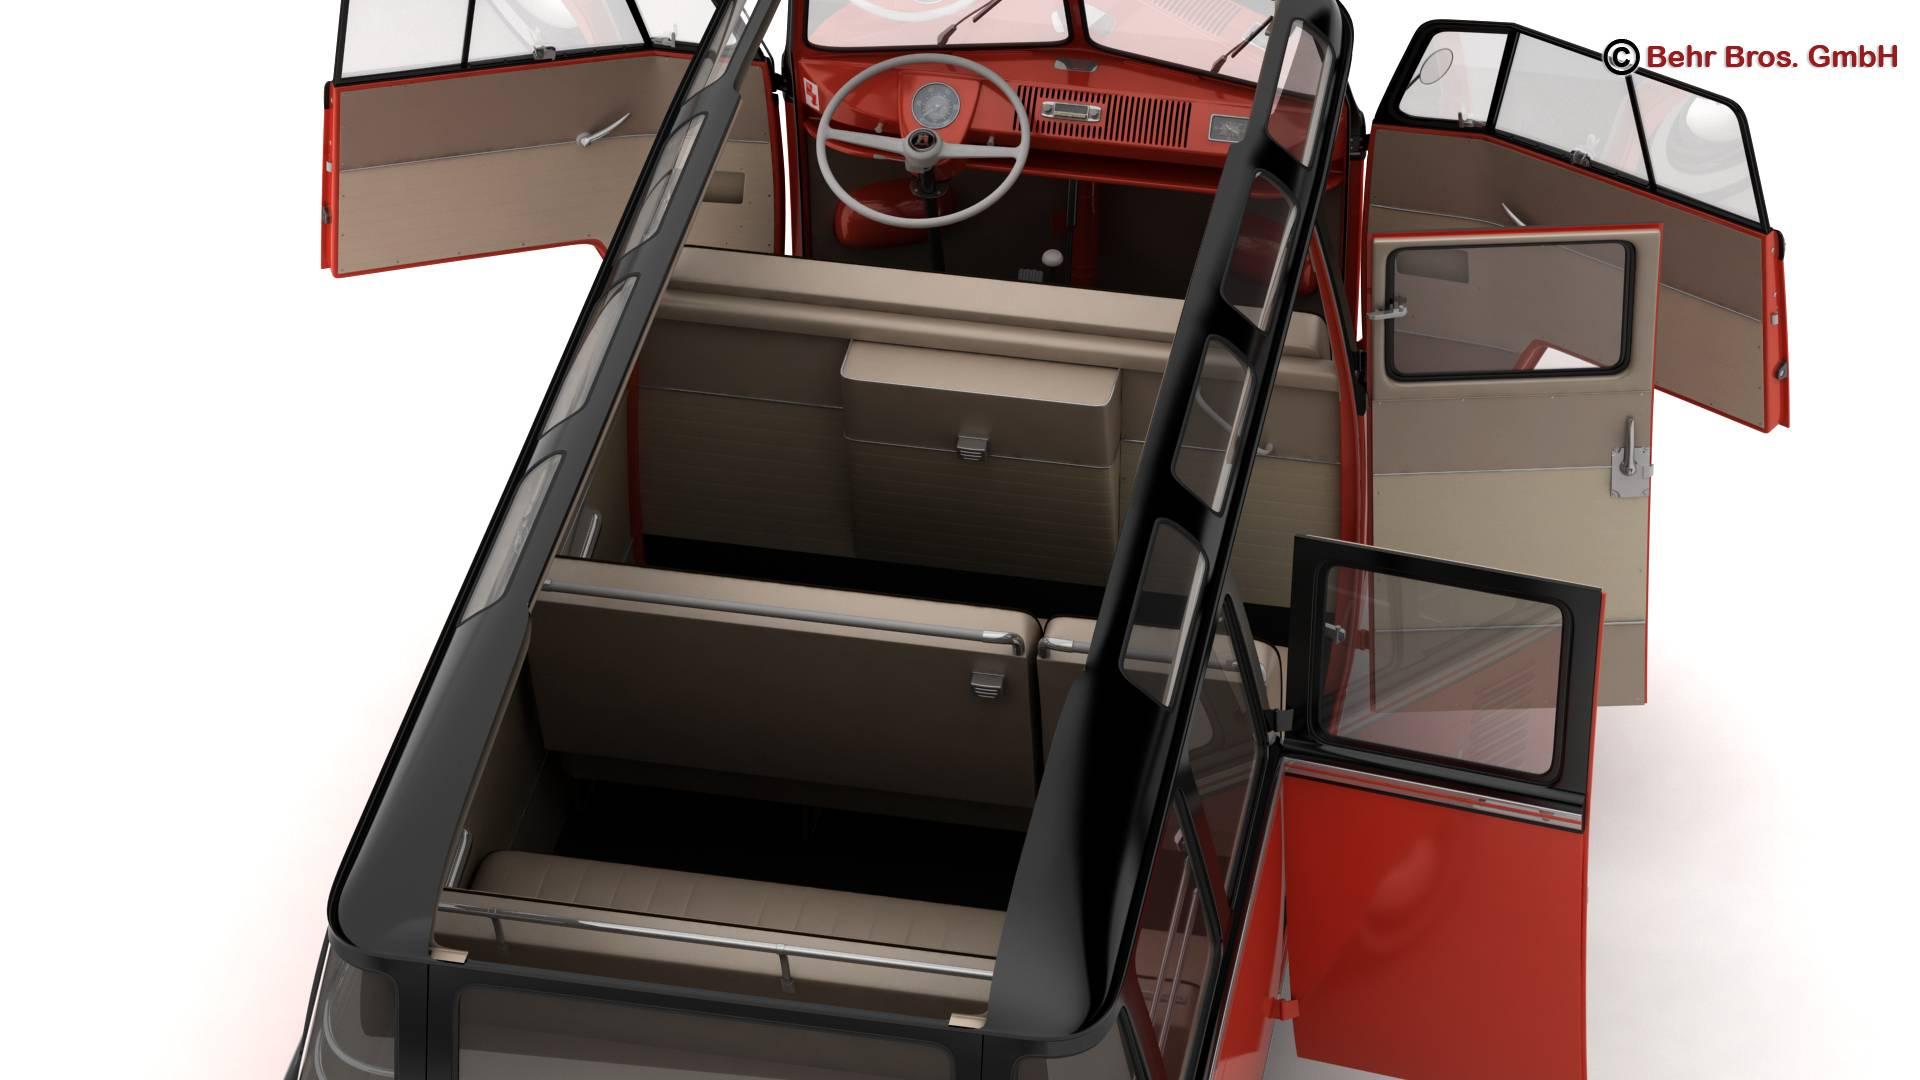 Volkswagen T1 Samba 1959 Accessories 3d model 3ds max fbx c4d lwo ma mb obj 266996